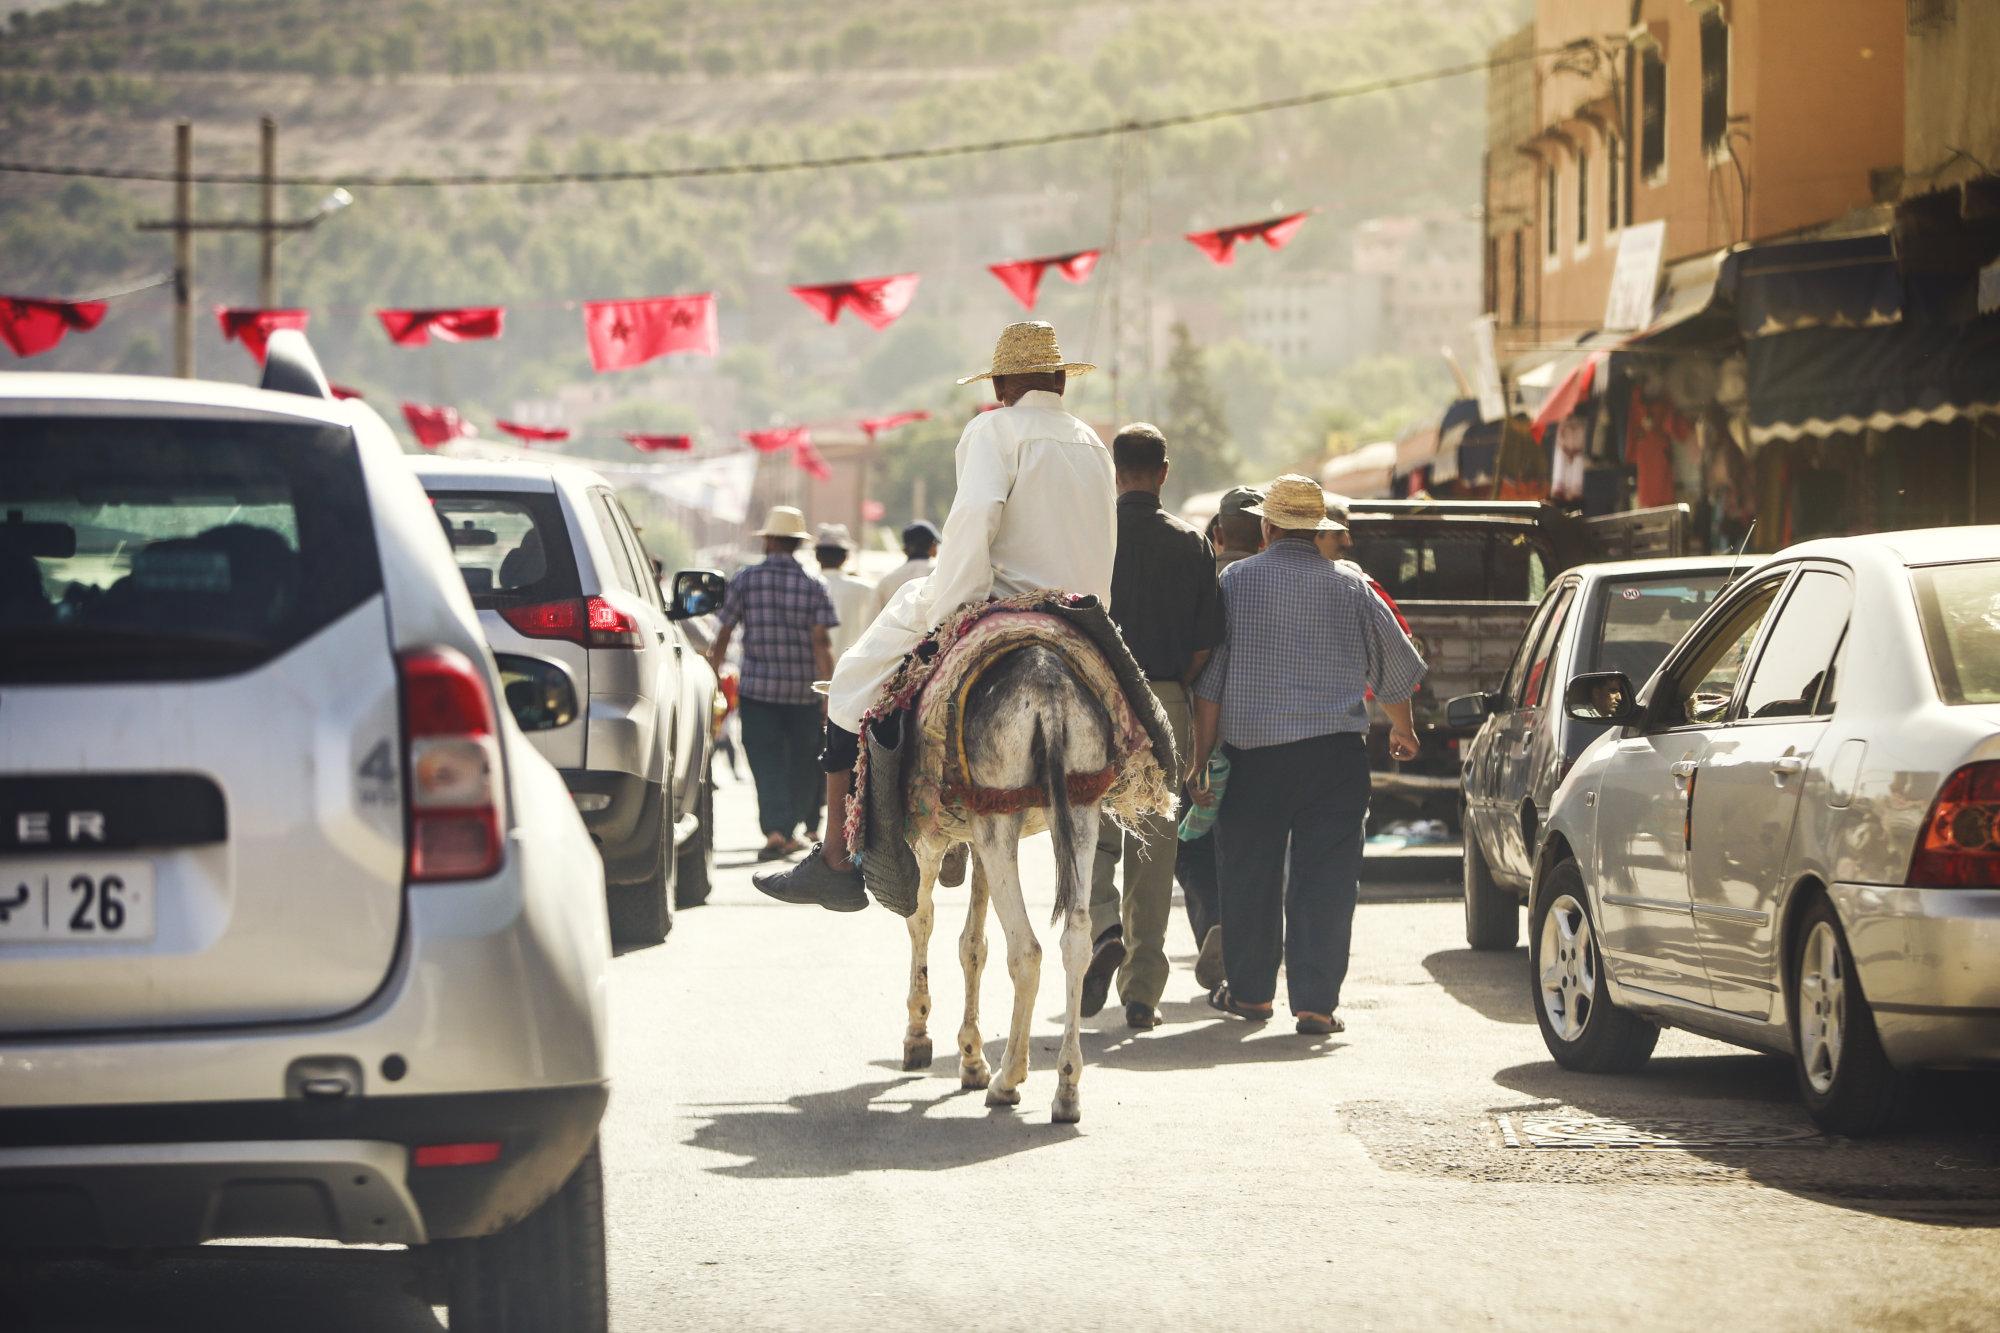 on-the-road-esel-verkehr-marokko-2016-mcu-ausflug